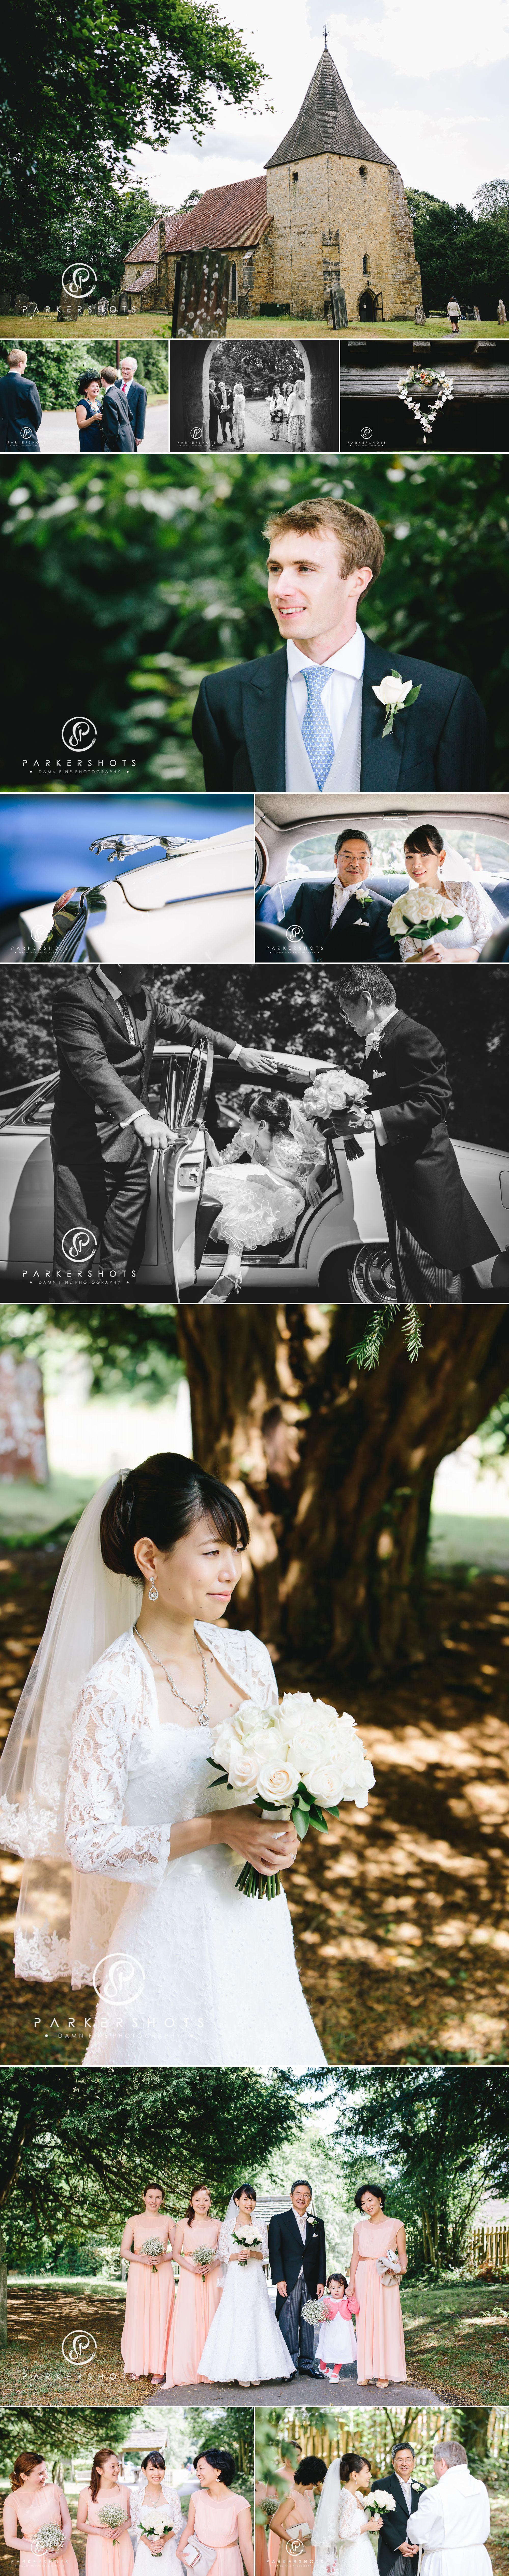 Tunbridge_Wells_Wedding_Photographer 4